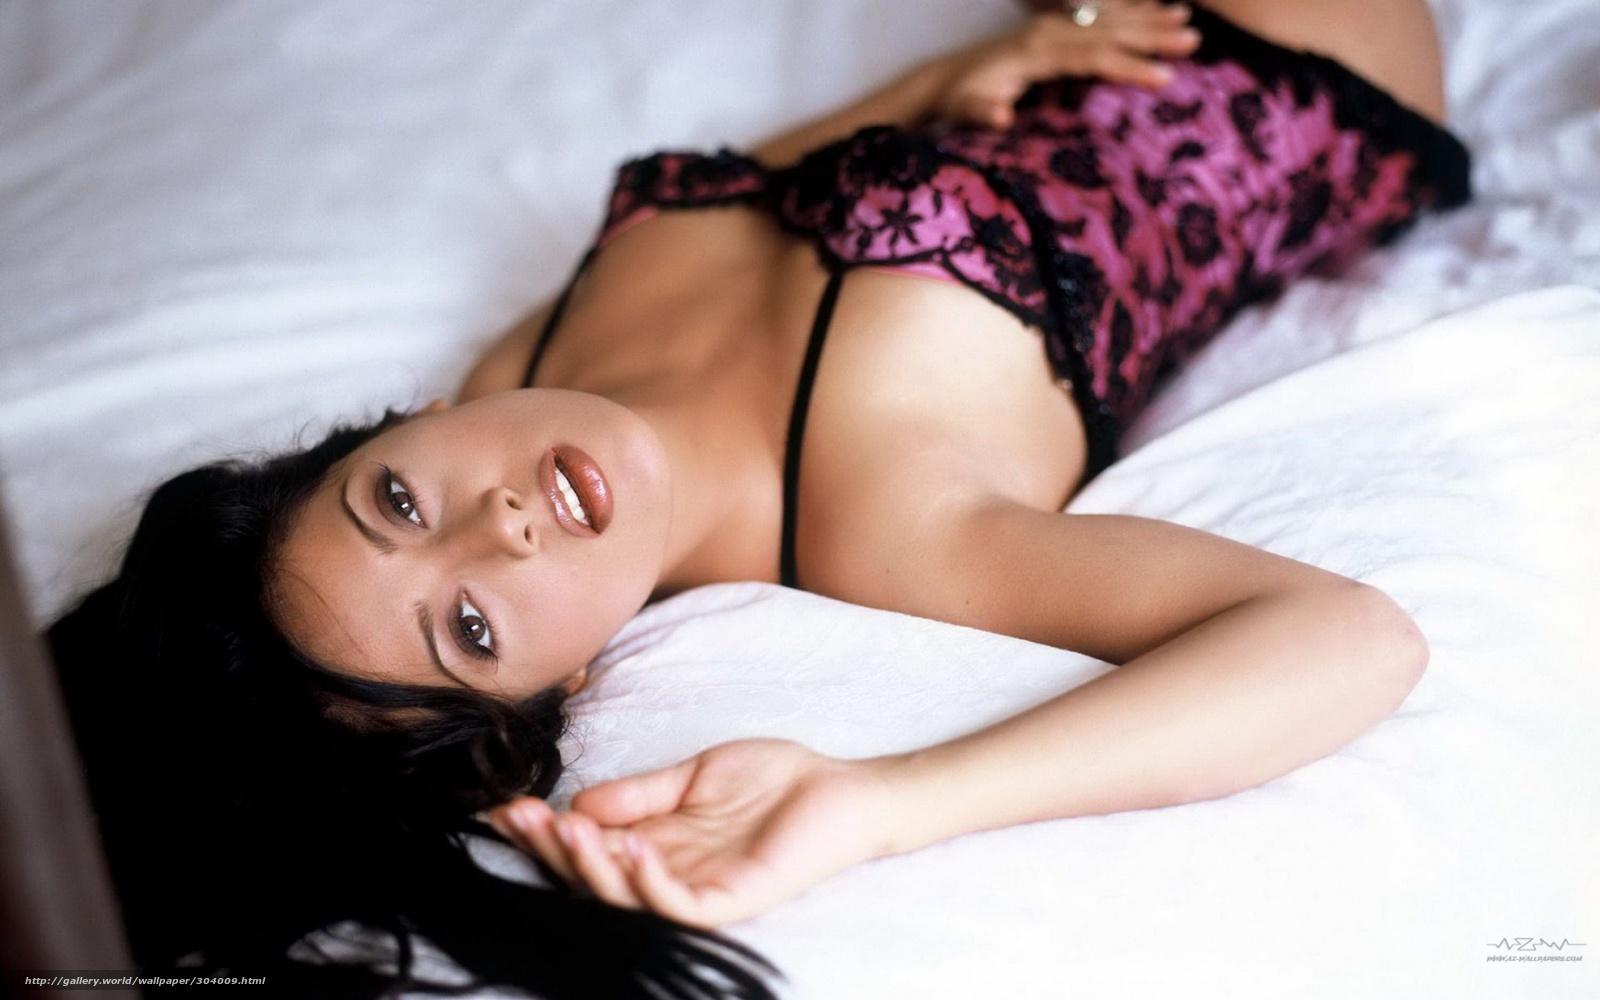 Фото голых девочек девственницы секс 16 фотография